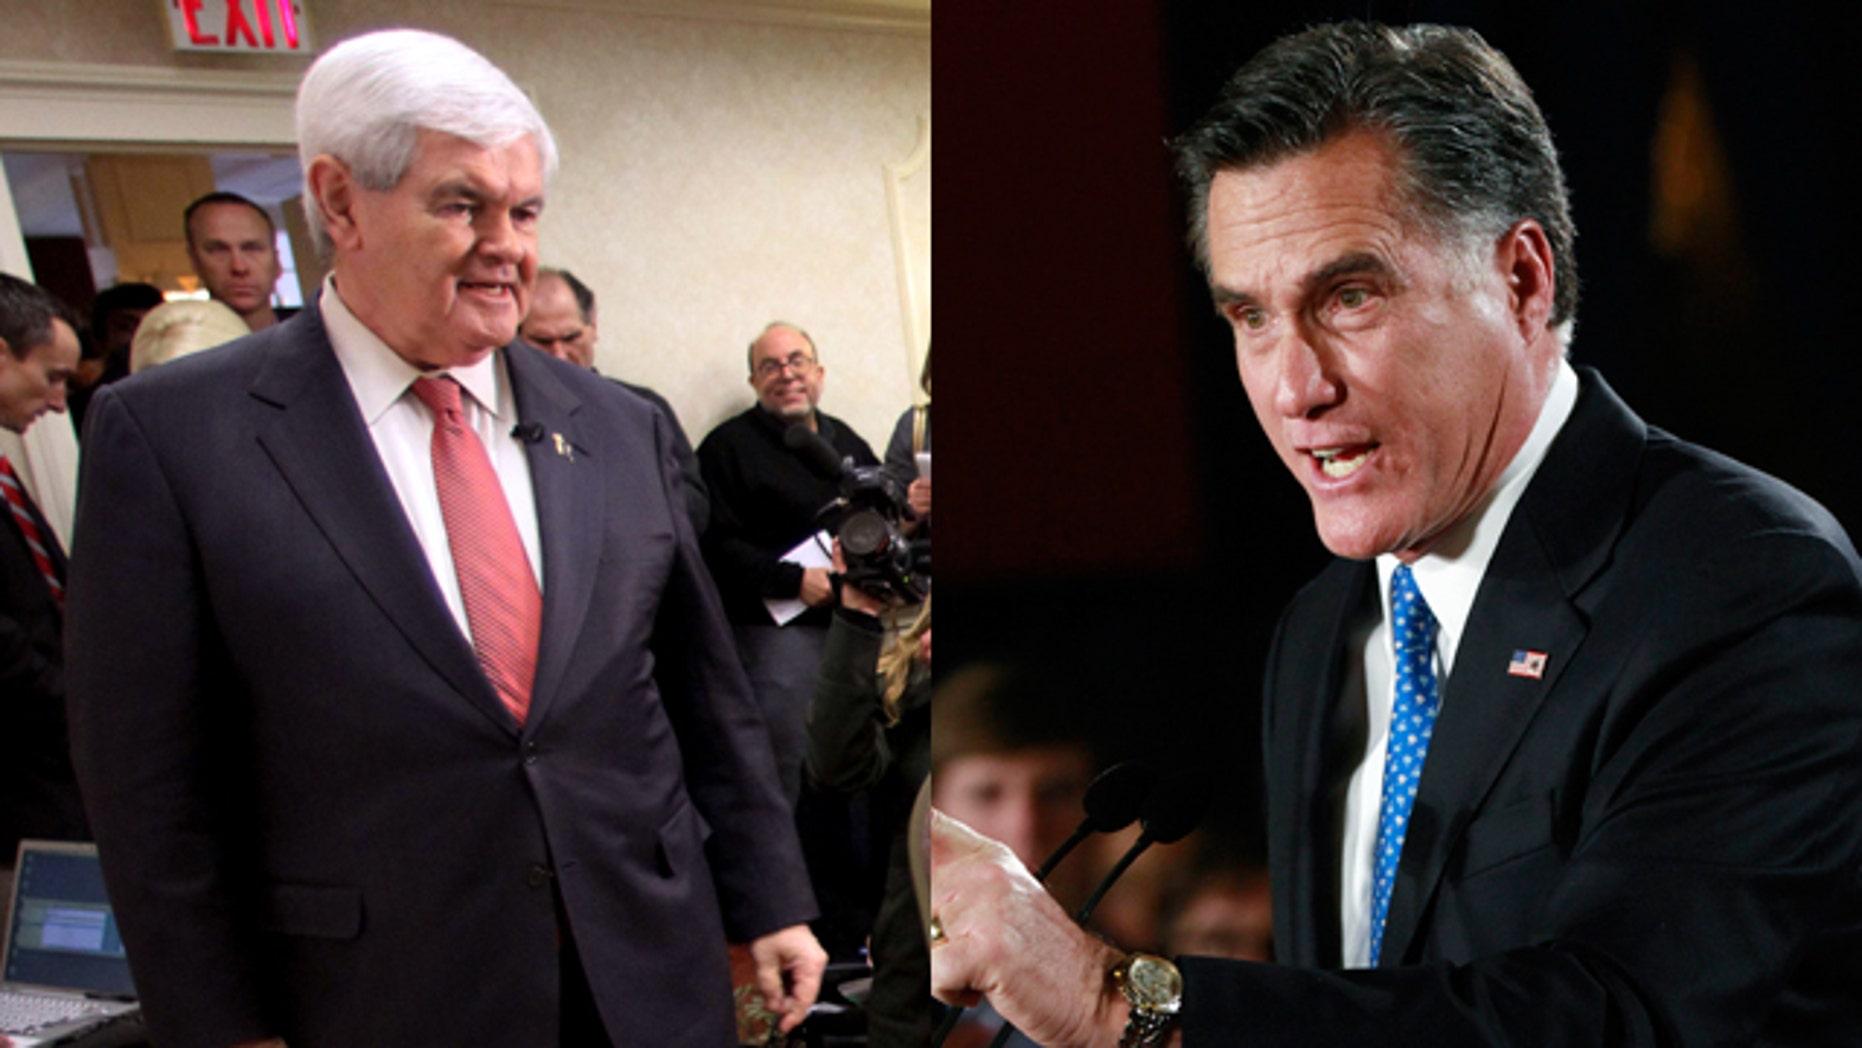 Newt Gingrich/Mitt Romney